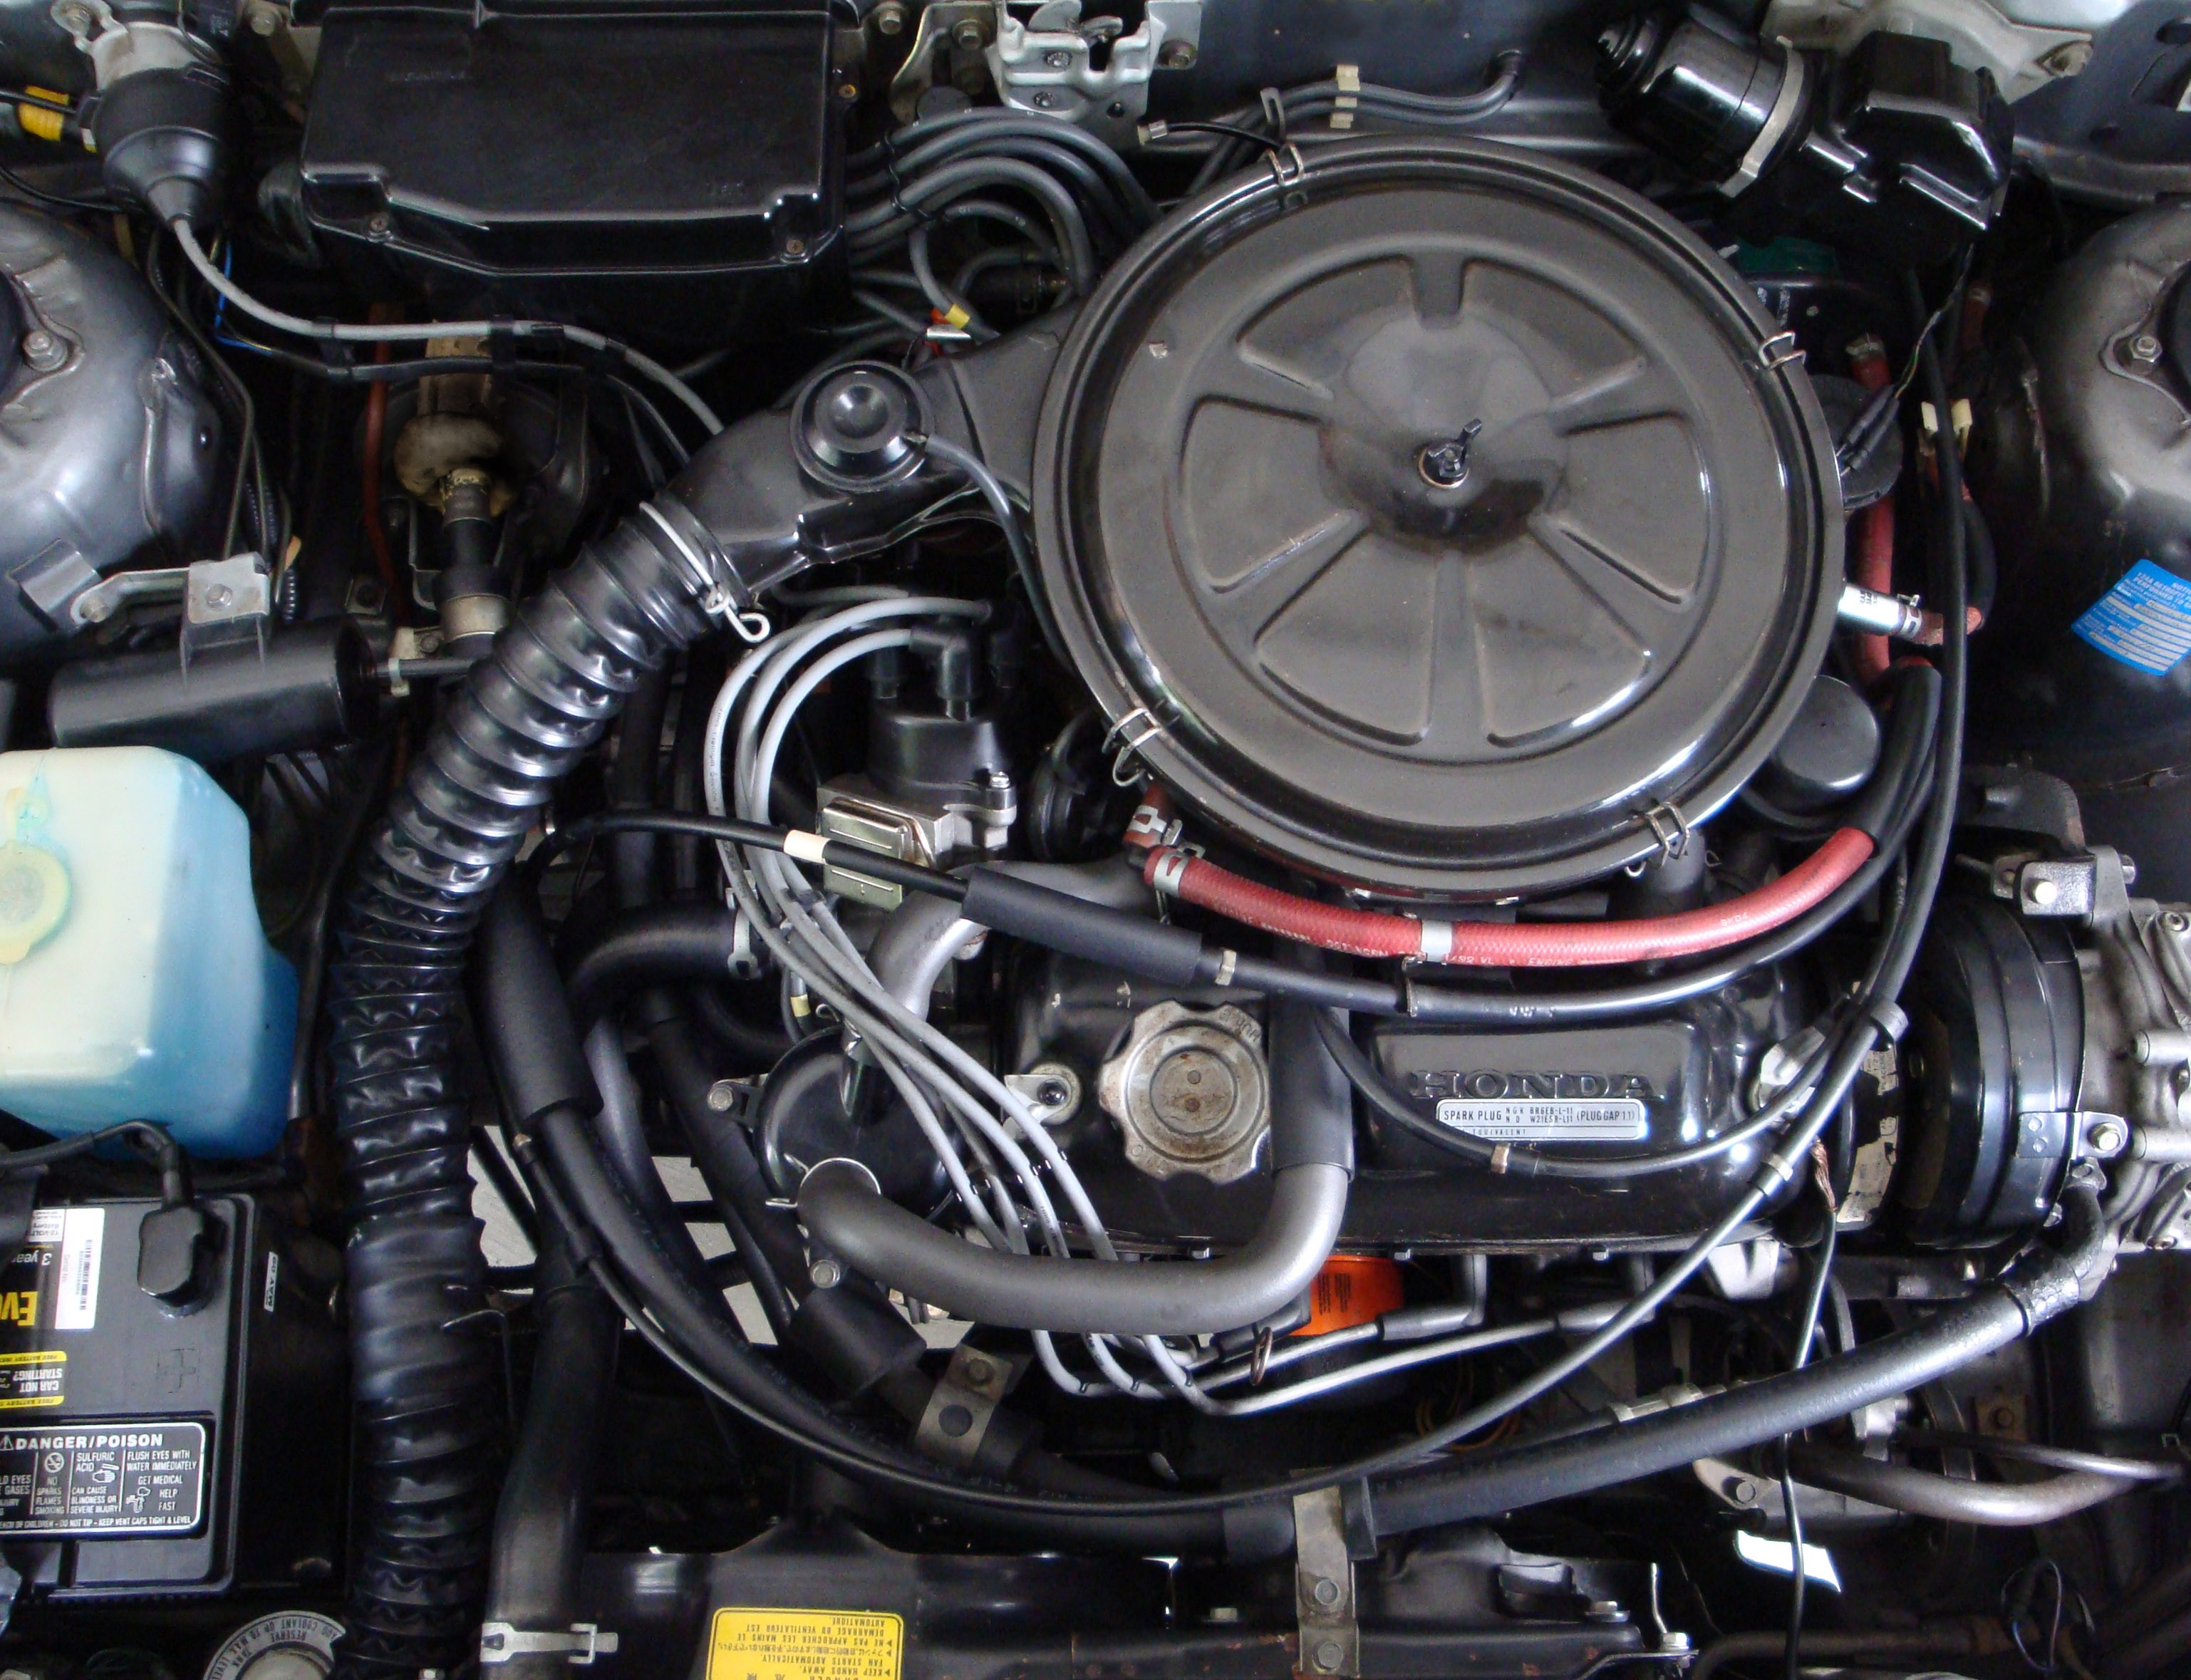 1987 Honda Accord Engine Diagram Honda E Engine Of 1987 Honda Accord Engine Diagram